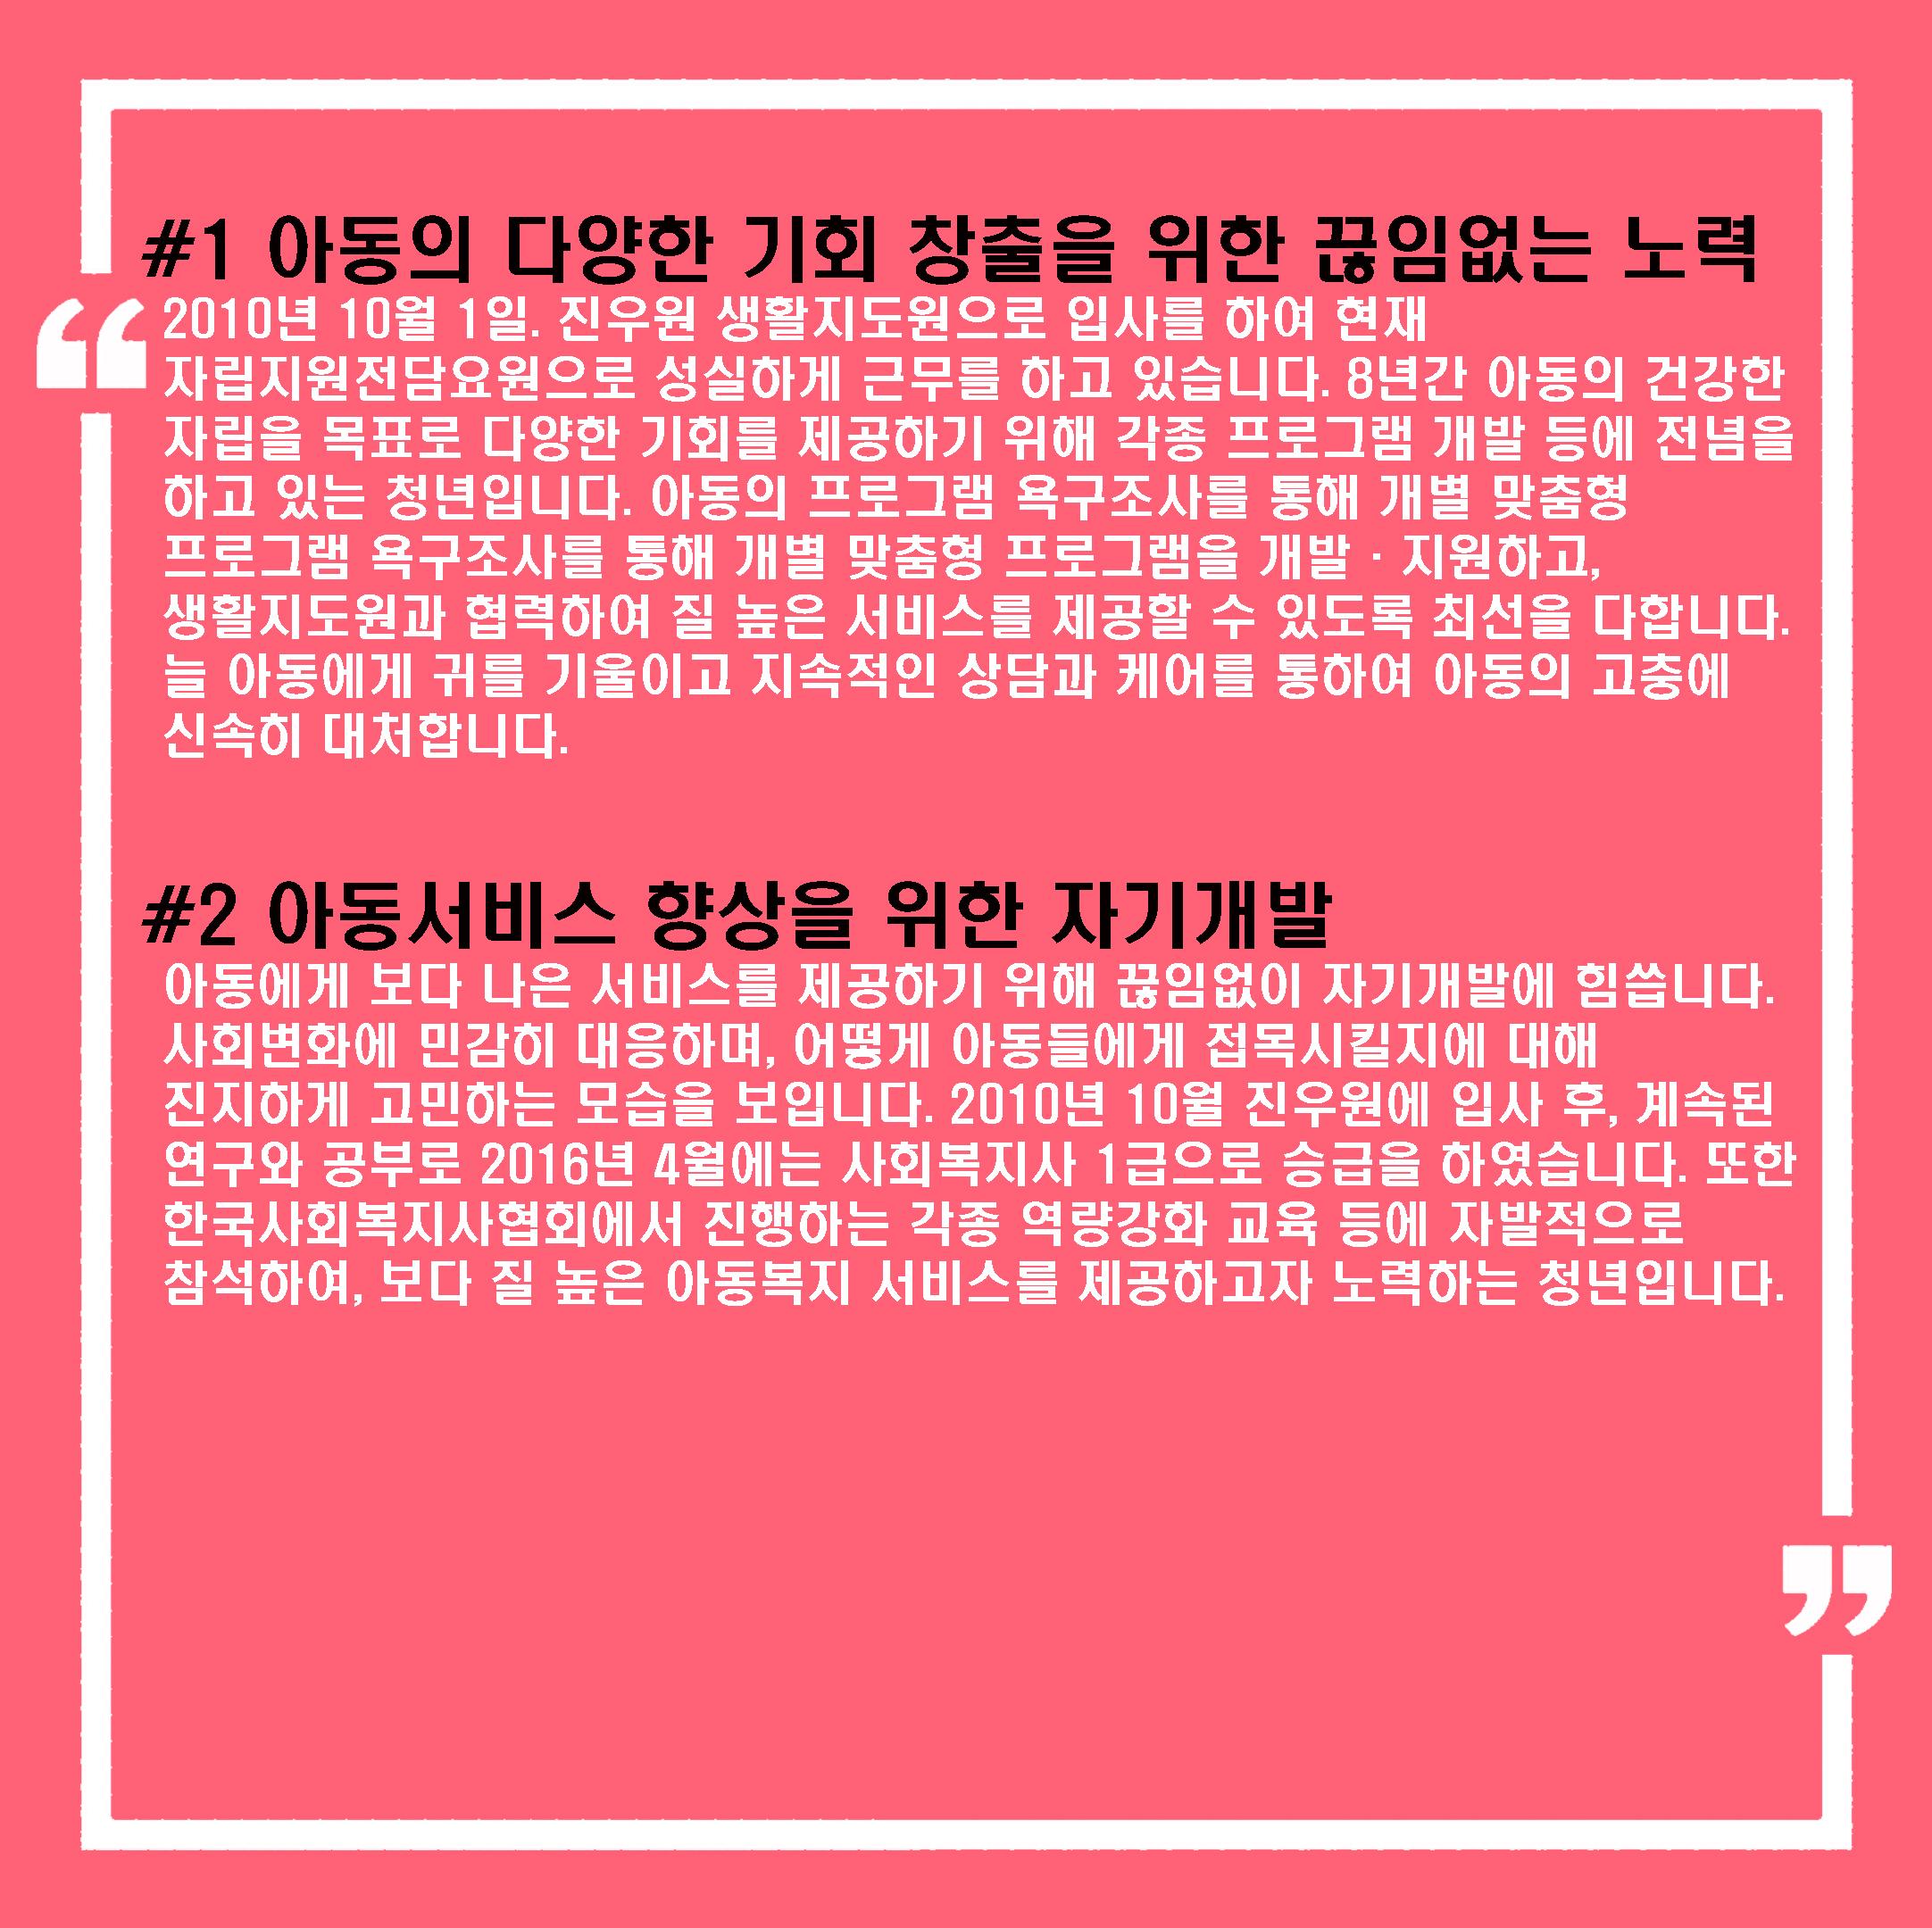 정동빈-1.jpg